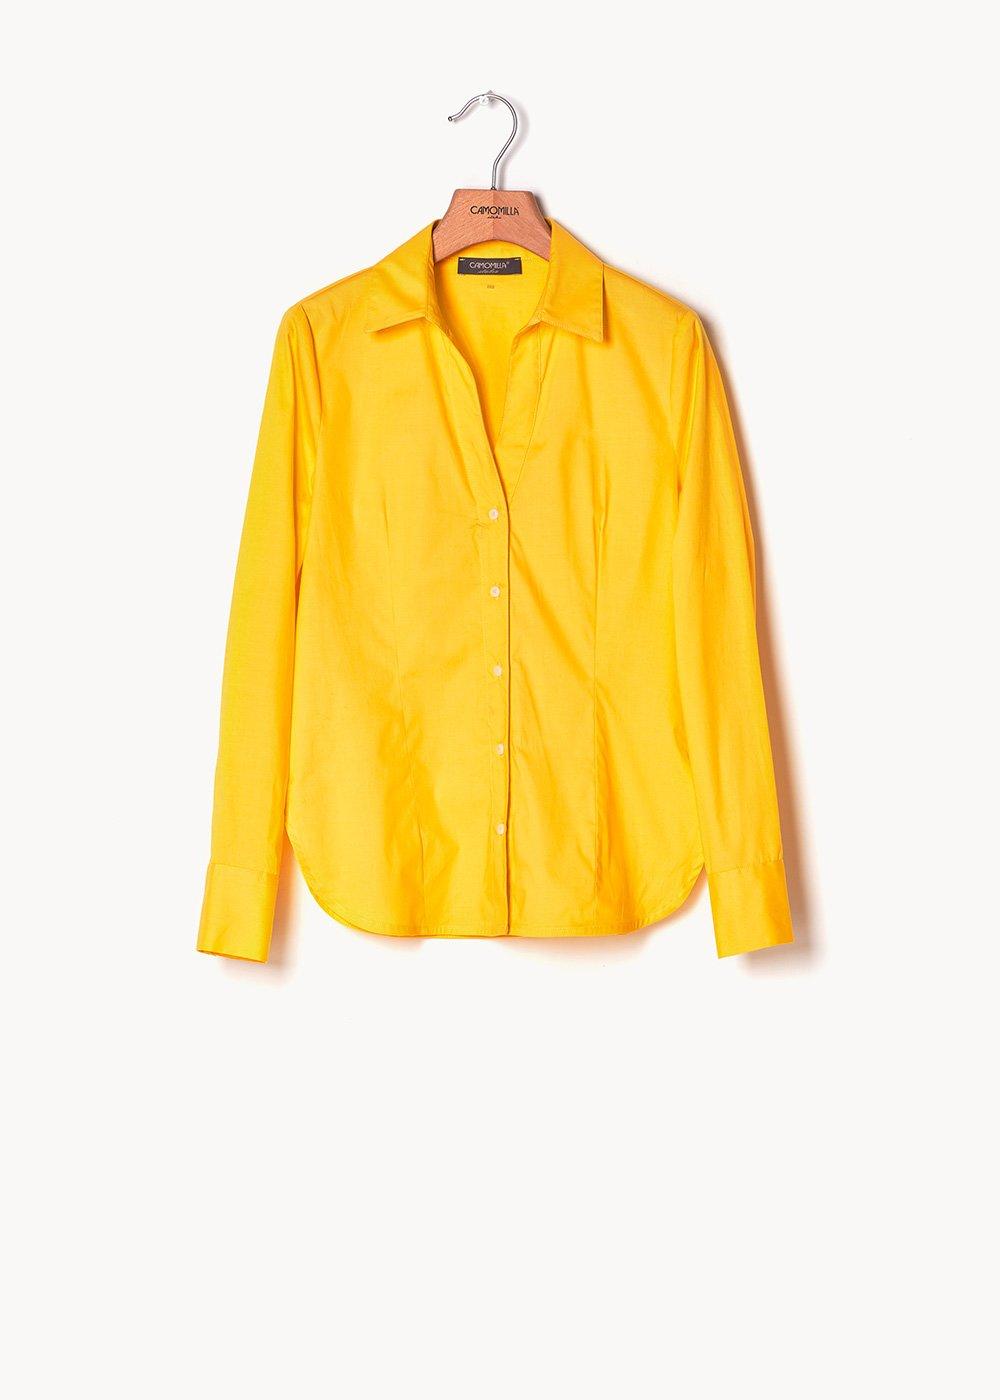 Carolina shirt in cotton poplin - Sole - Woman